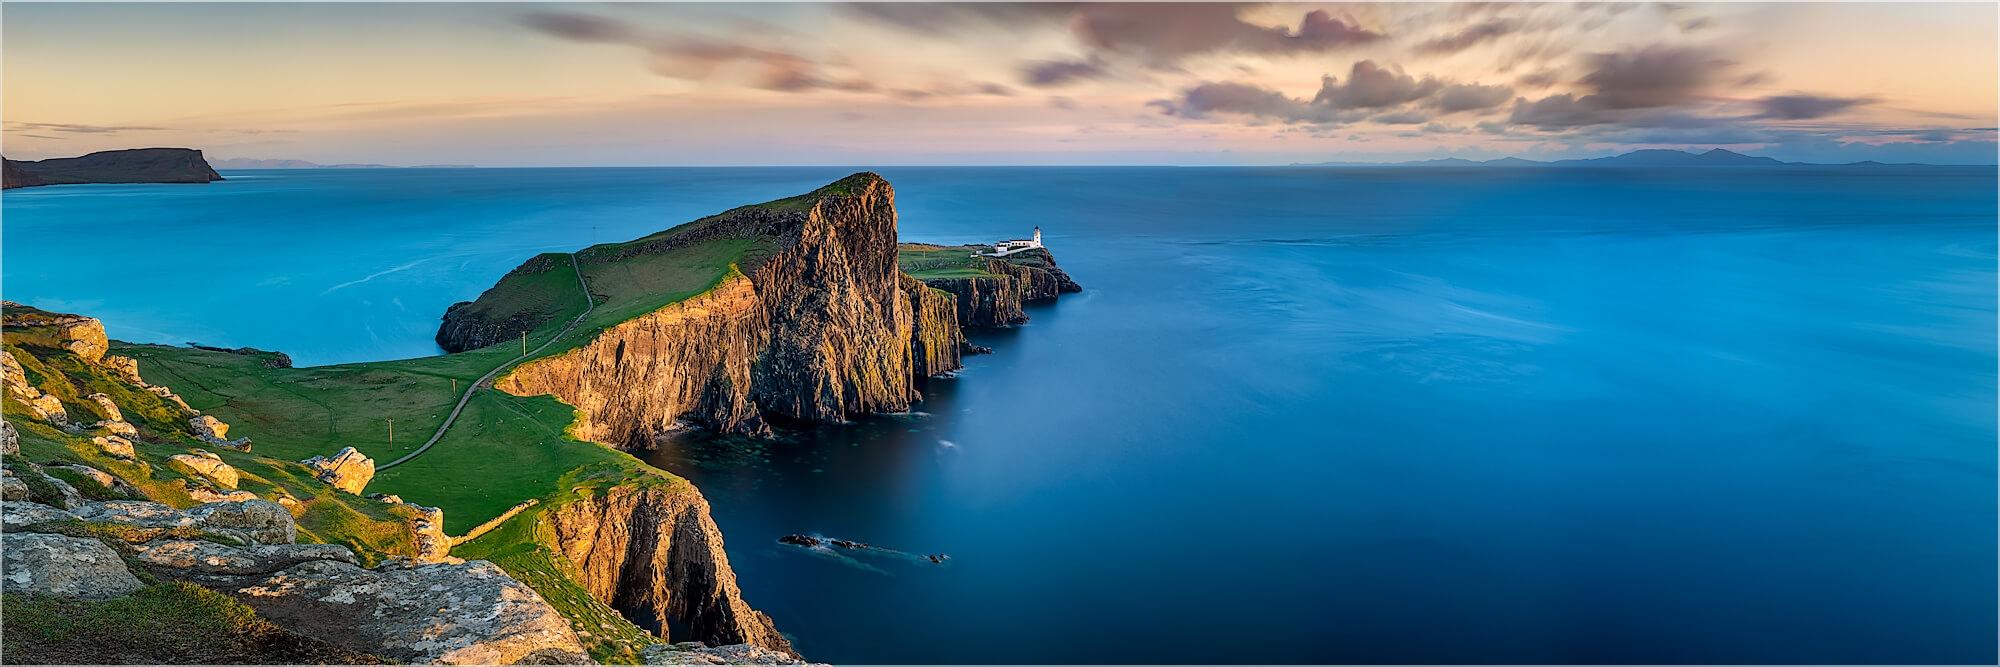 Panoramabild Isle of Skye am Nest Point Leuchtturm